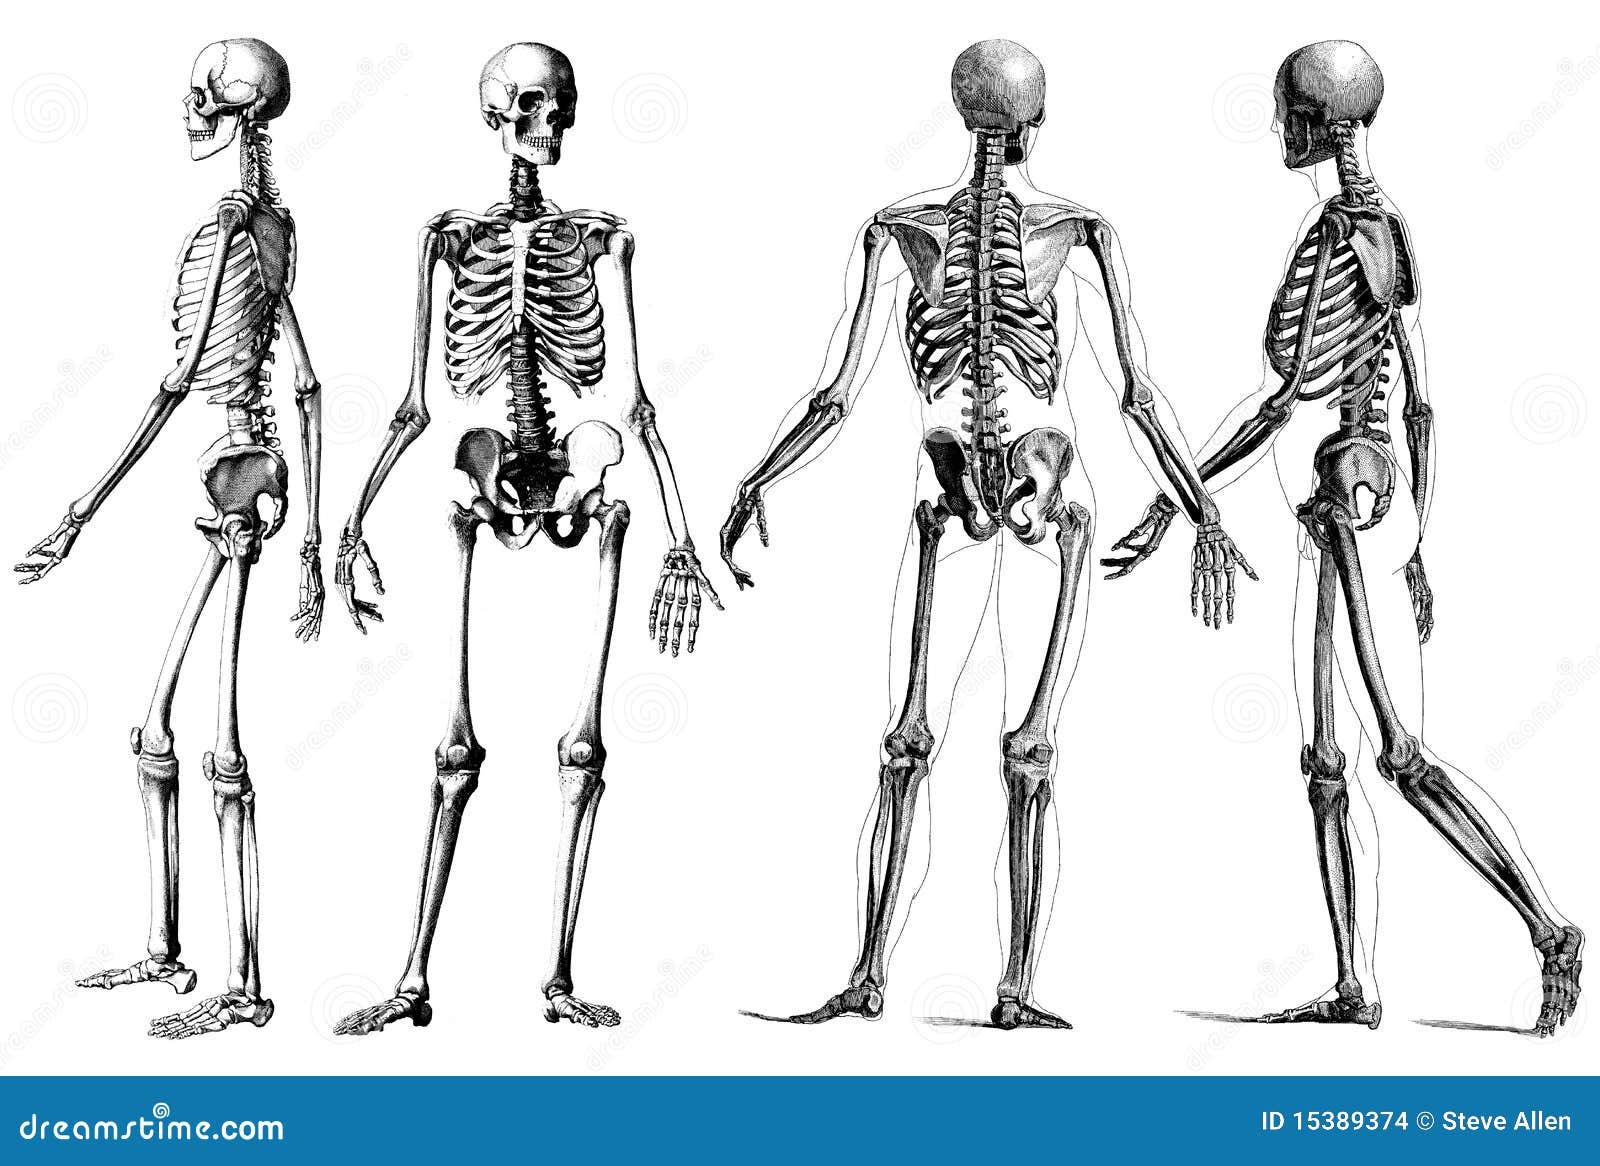 Apprendre dessiner le on 1 part 1 personnage youtube - Dessiner un squelette ...